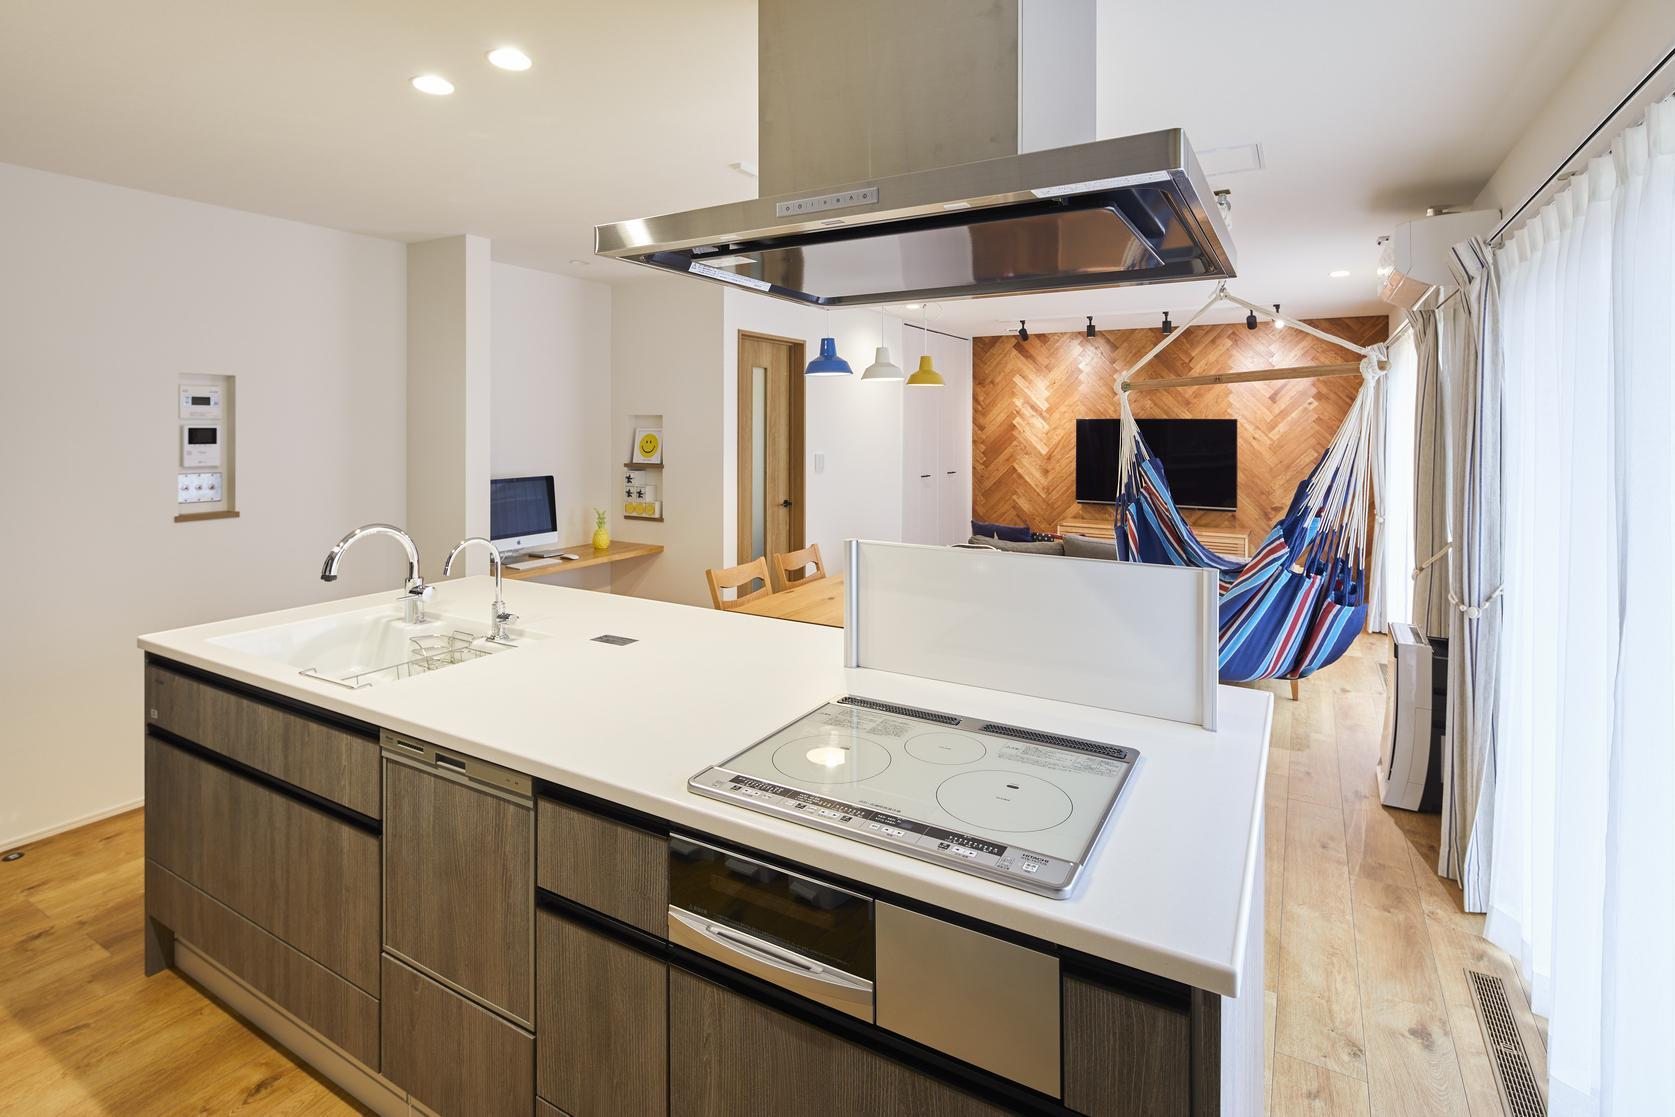 アイランドキッチンを採用。吊戸棚を設けず開放的で、ワークトップも広いので使い勝手も抜群です